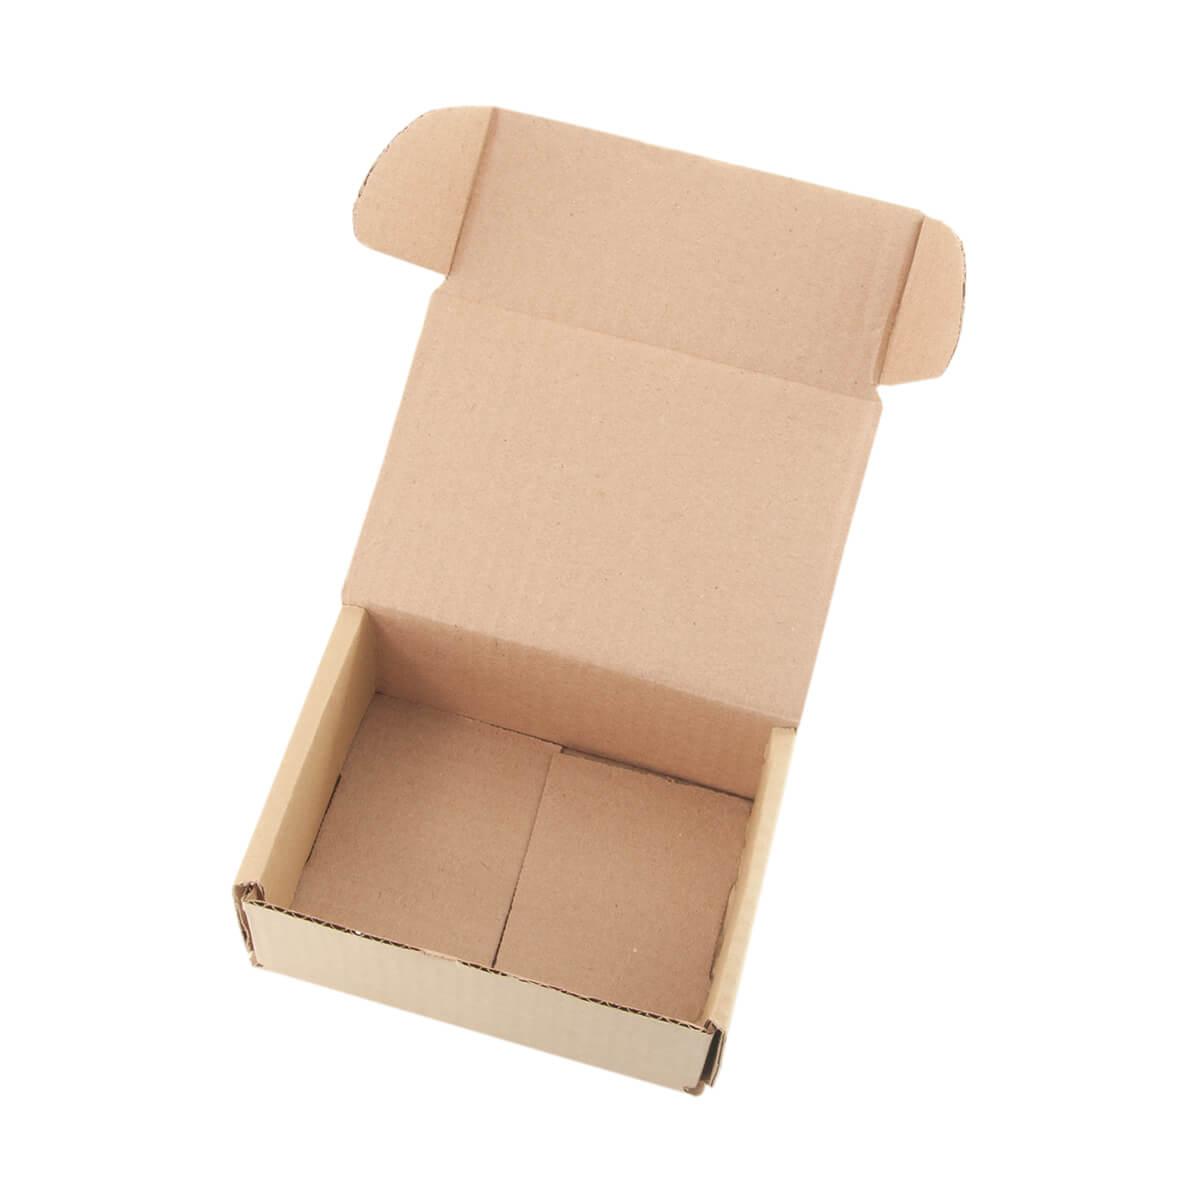 Caixa de Papelão Correios 16X10X6cm com 50 Unidades